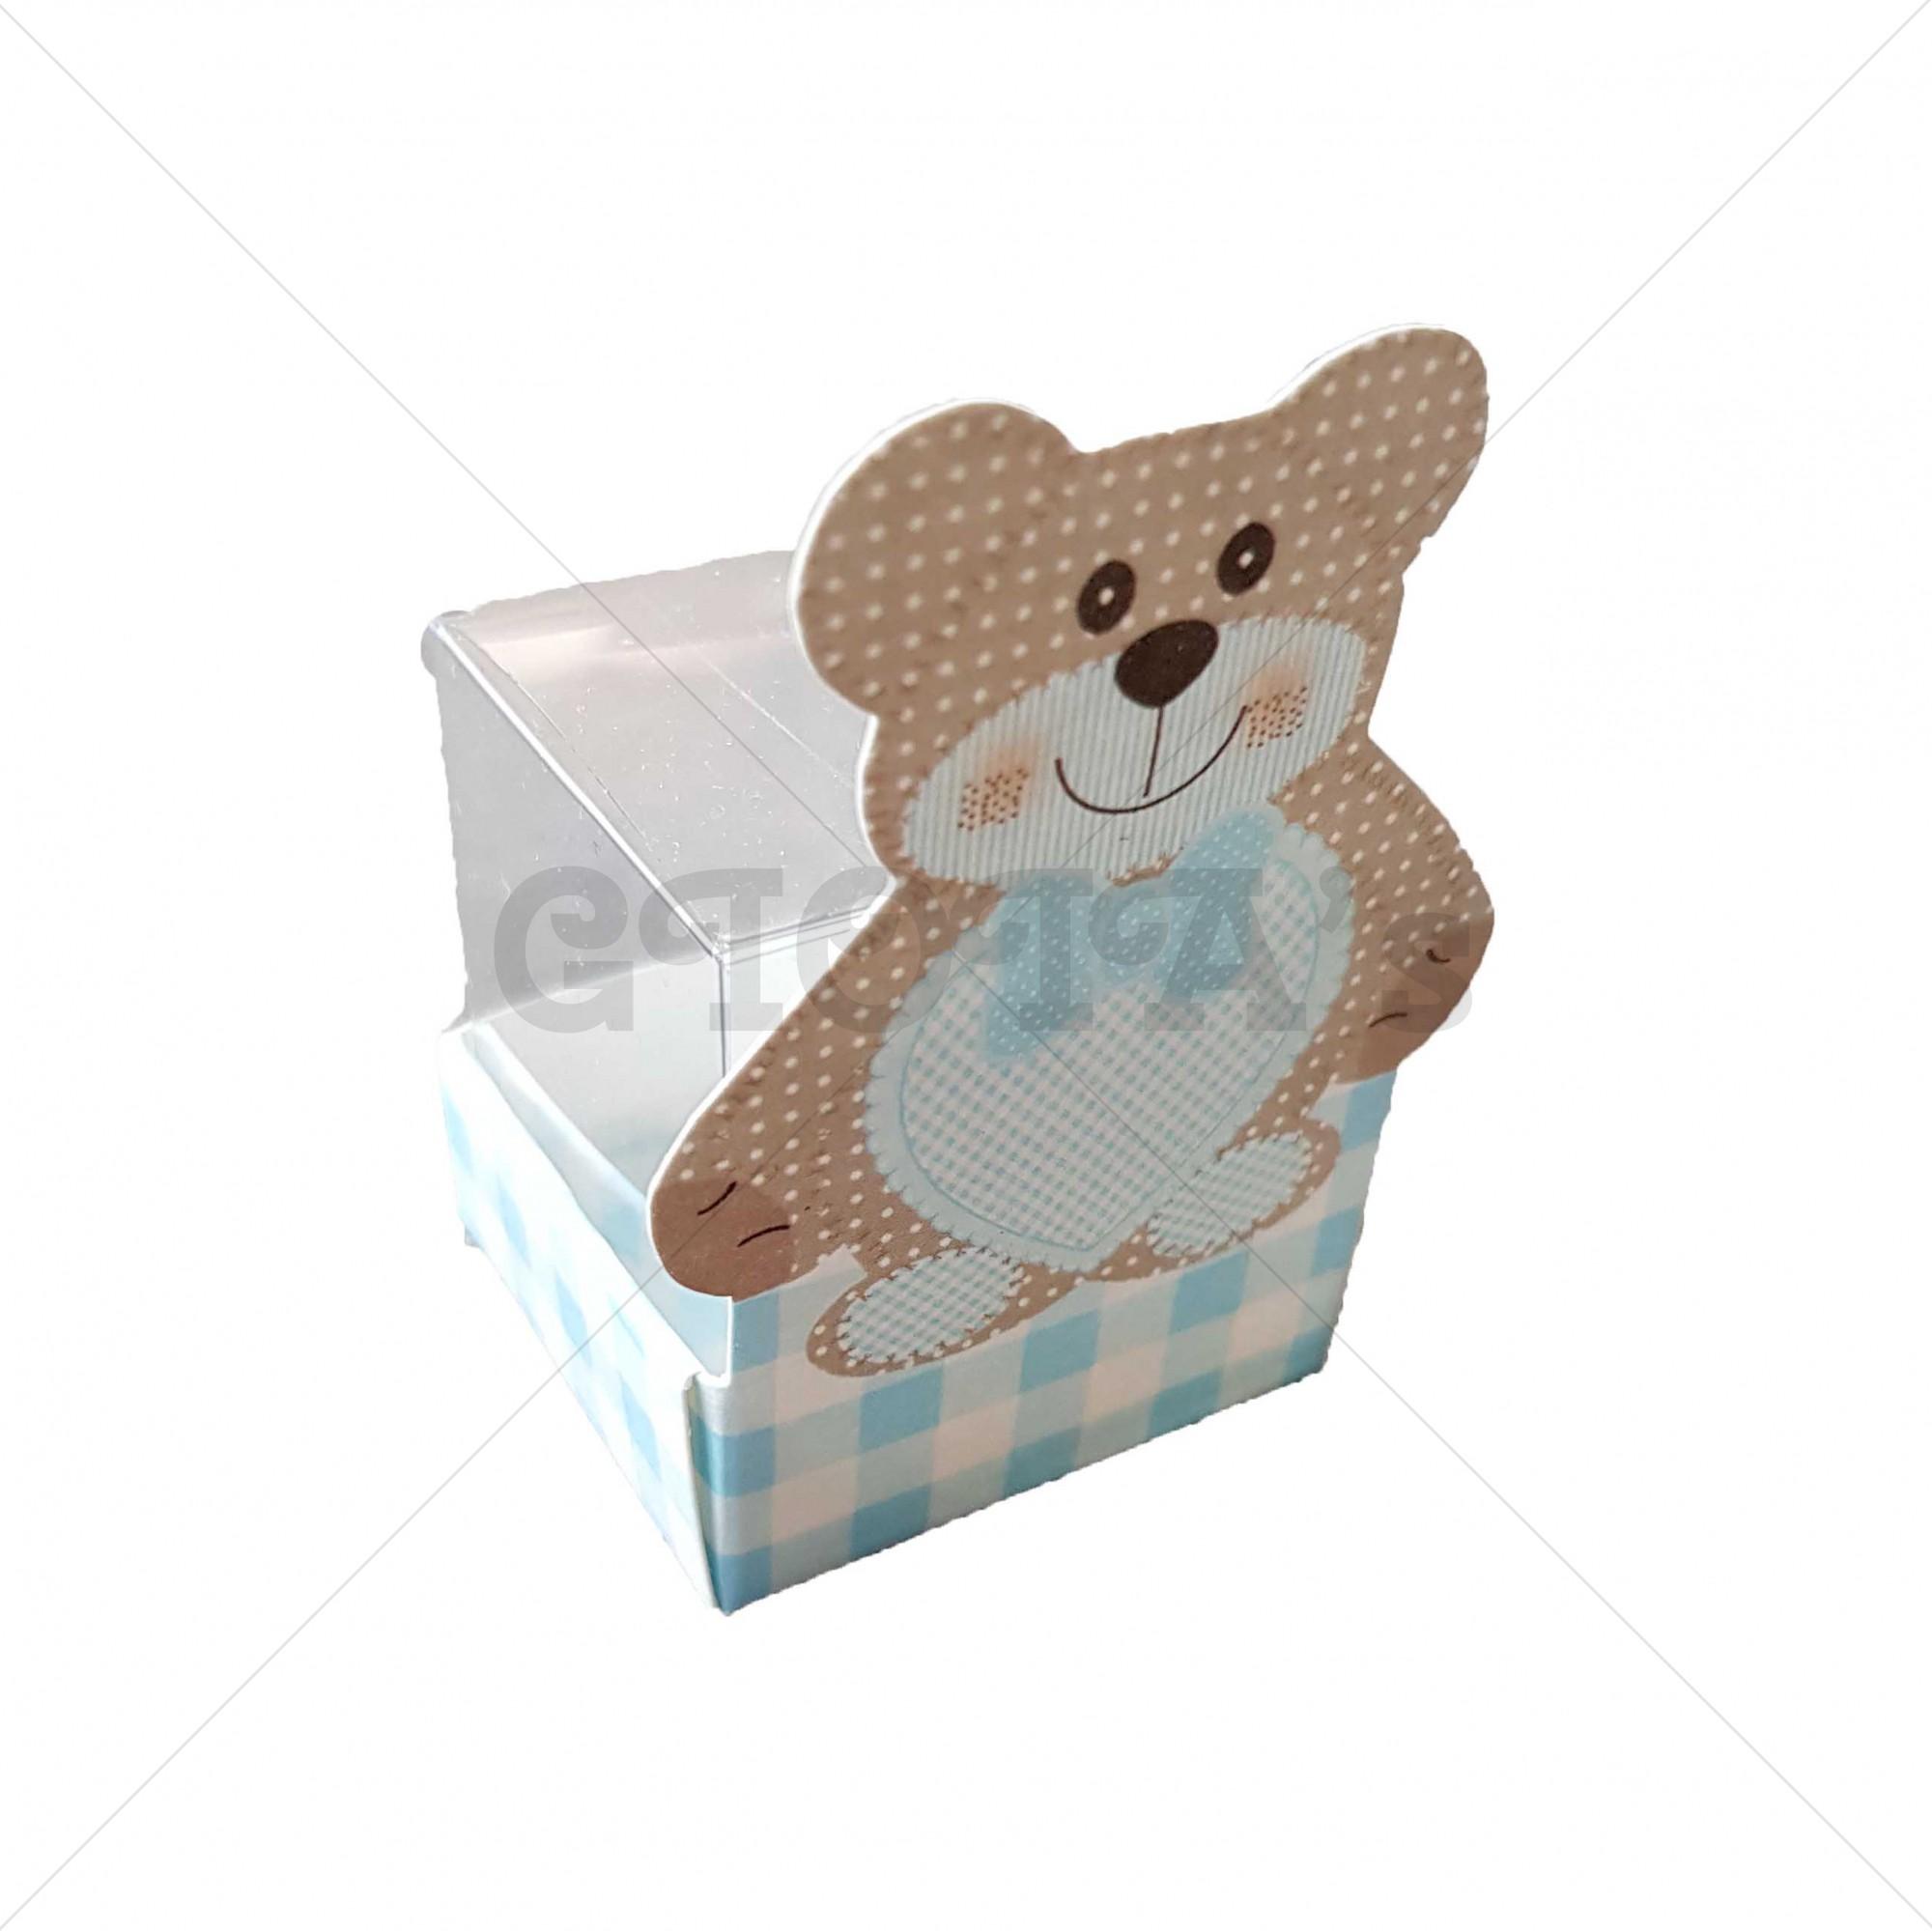 Doosje blauw-wit met beer en transparant doosje